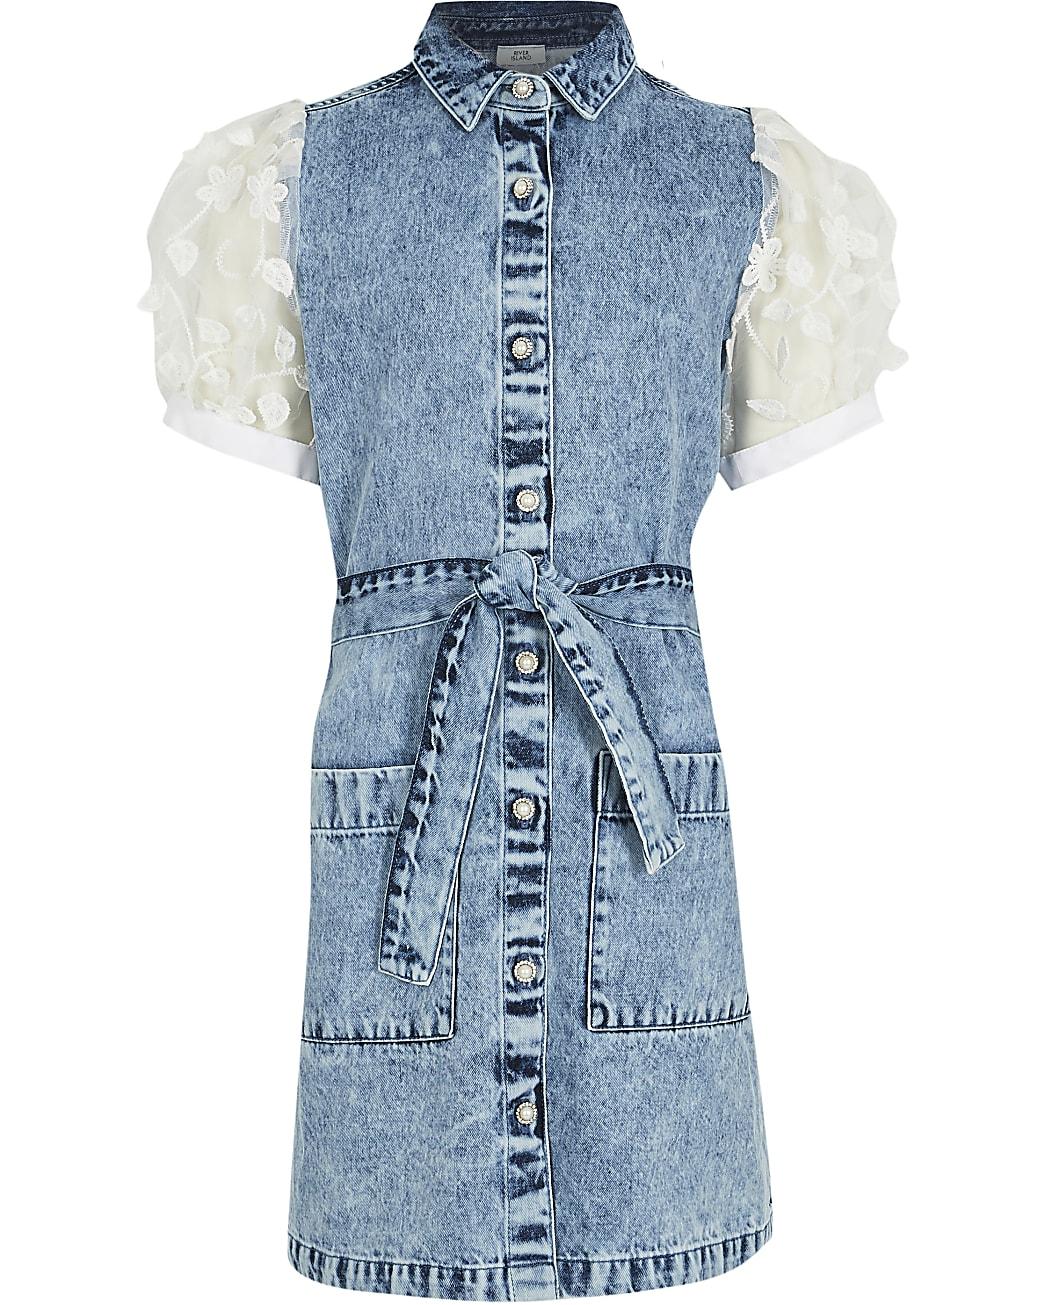 Girls blue denim shirt dress